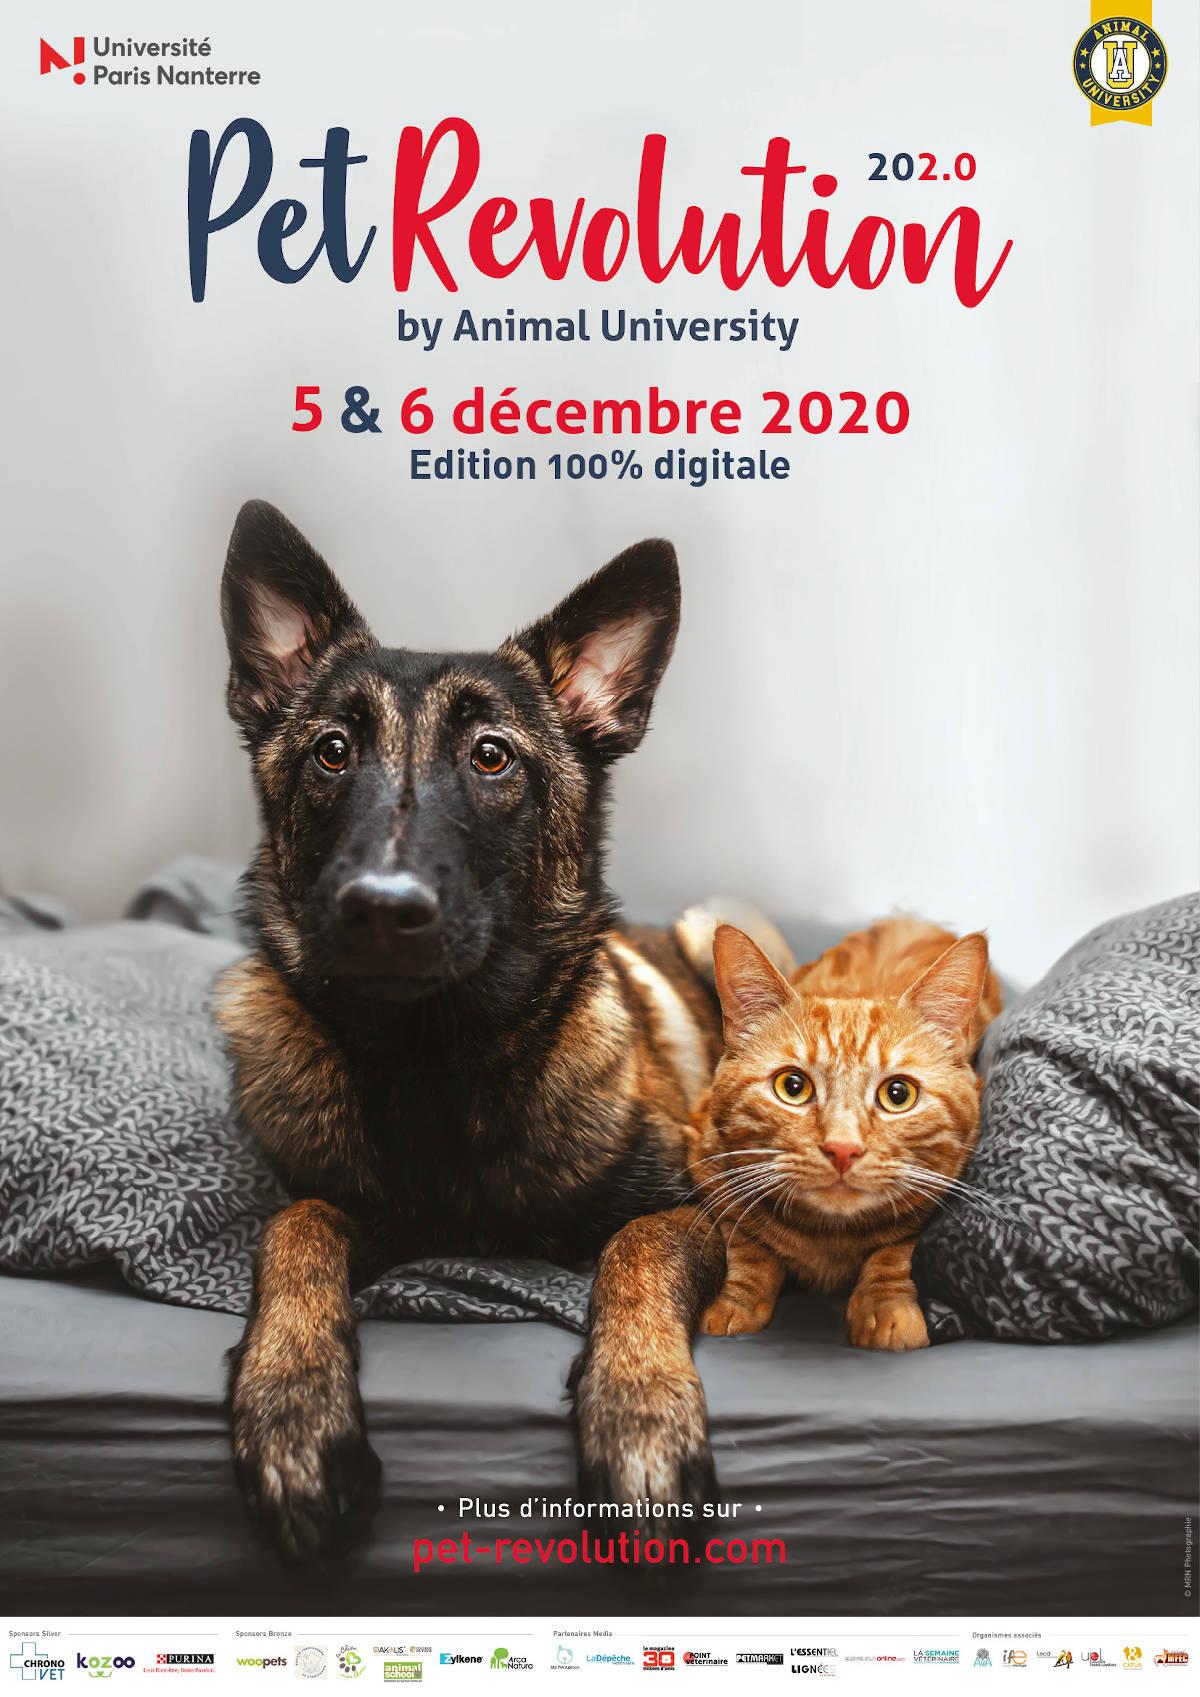 Pet Revolution 2020 - Evènement Animal University - Vivre et travailler dans le respect de l'animal